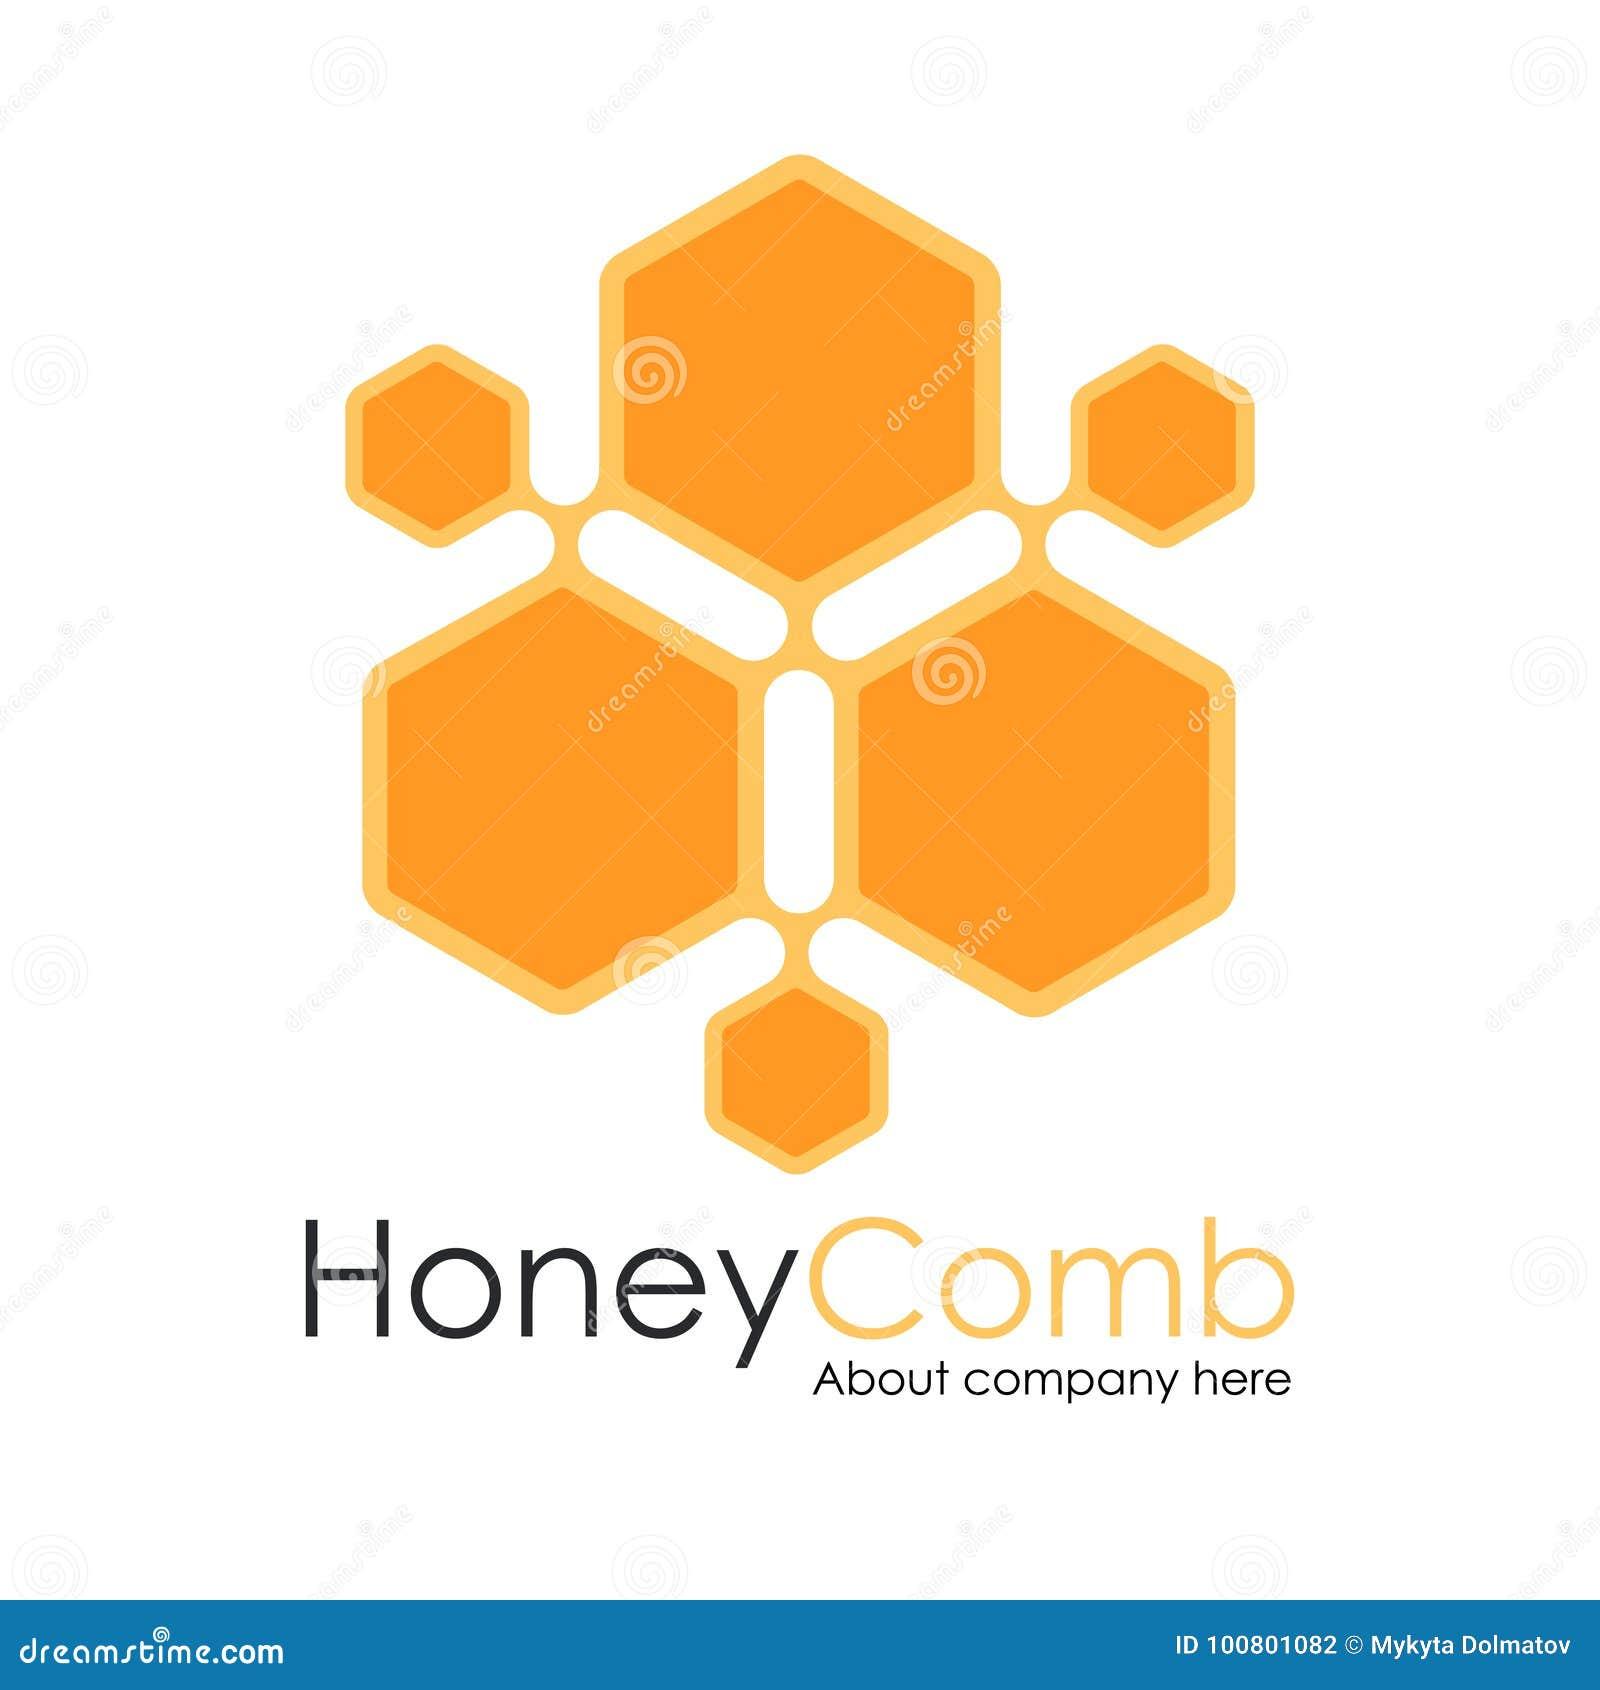 honey comb logo template design vector honeycomb emblem concept